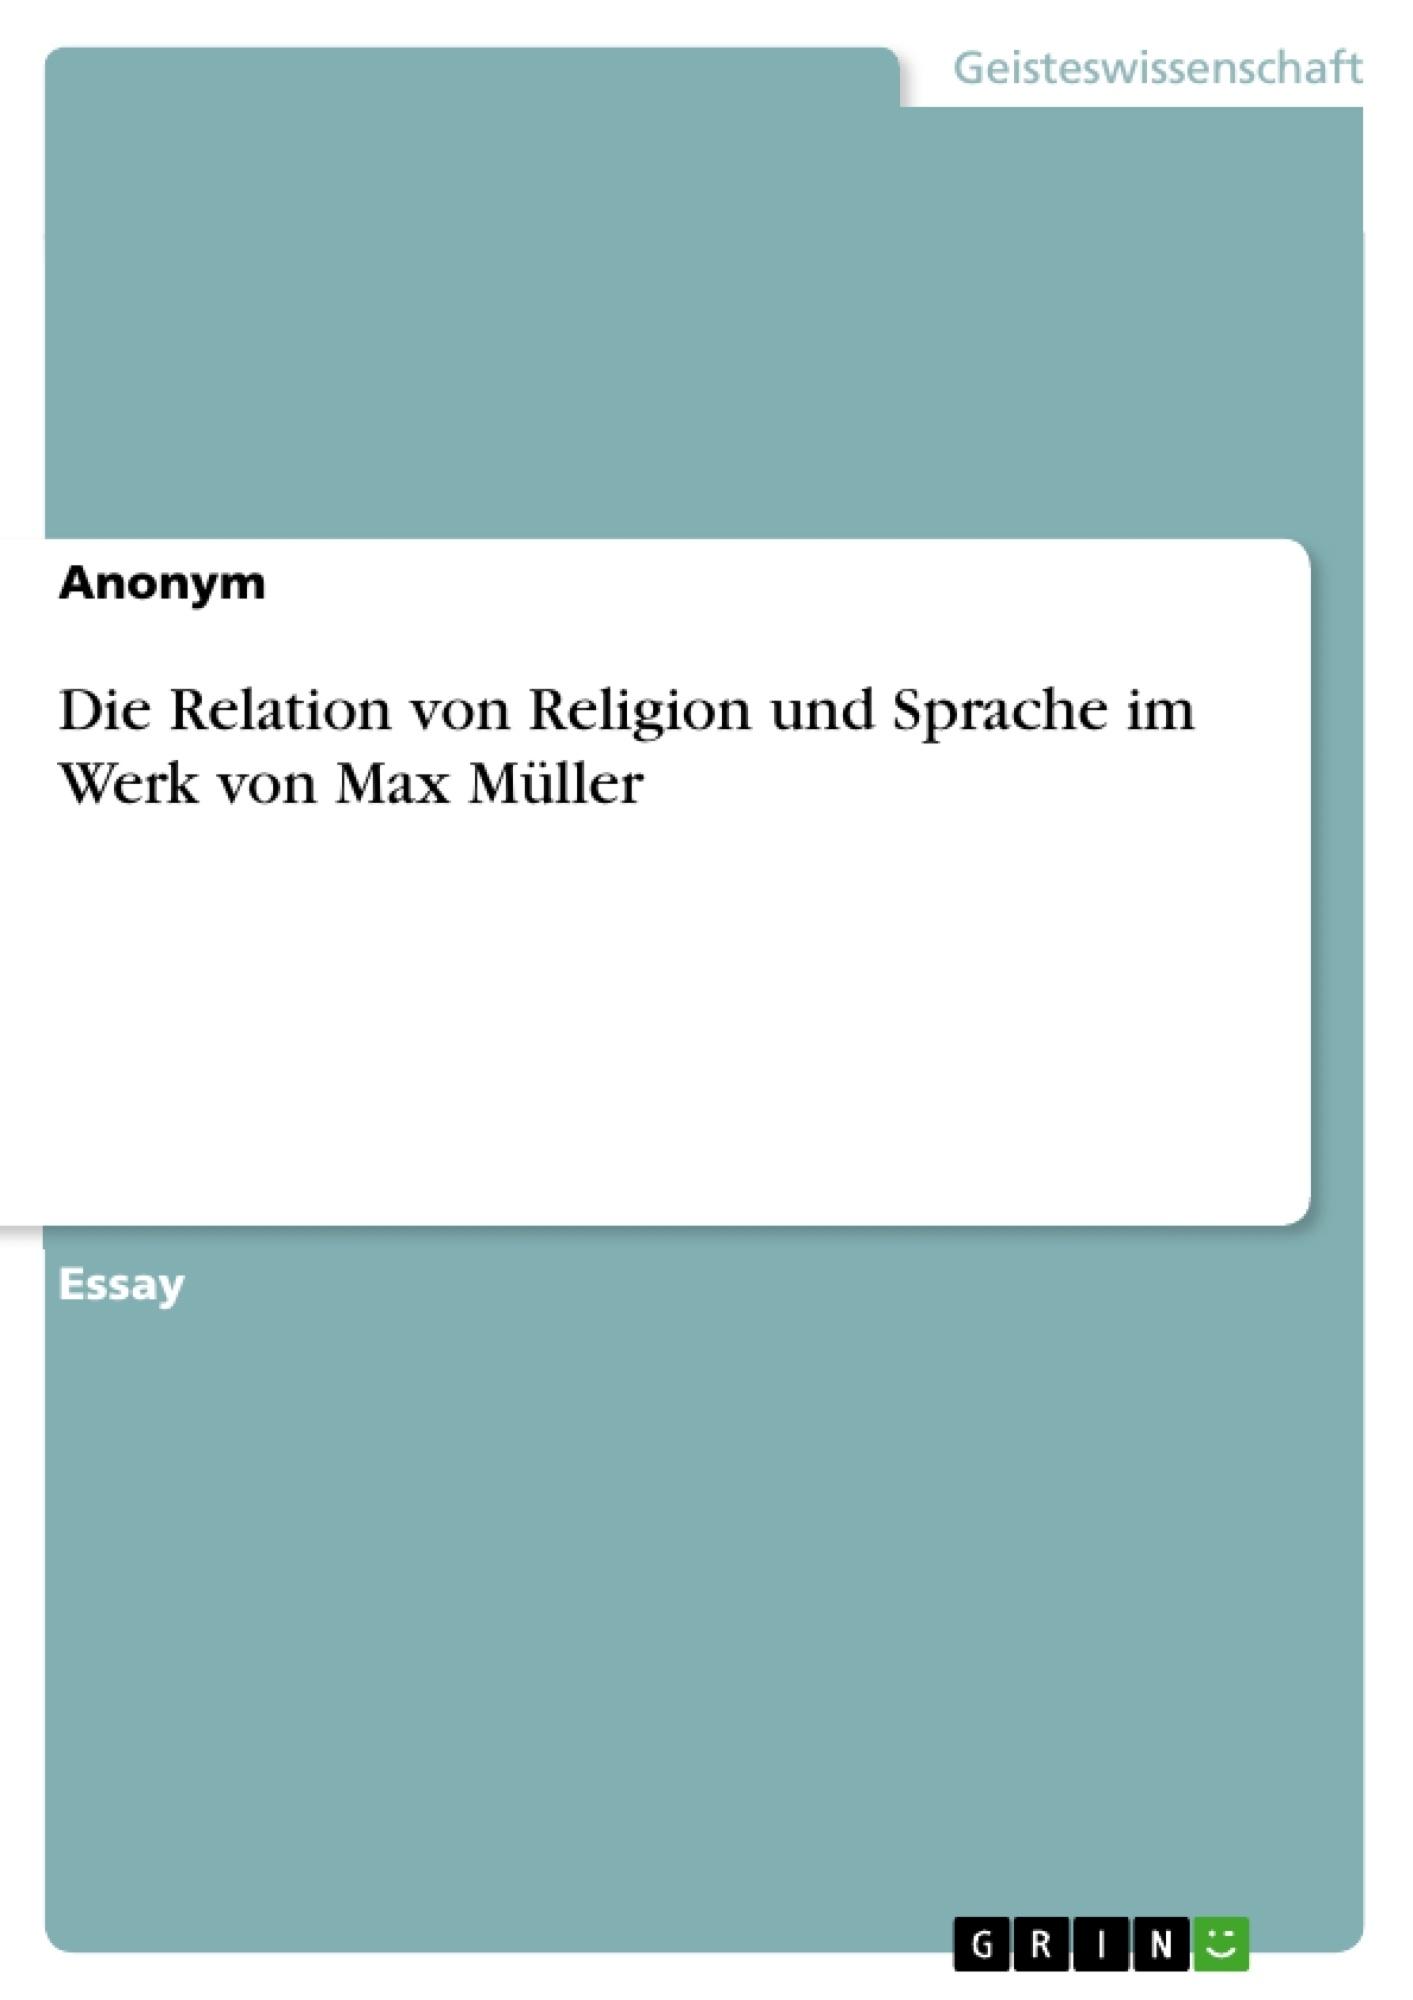 Titel: Die Relation von Religion und Sprache im Werk von Max Müller